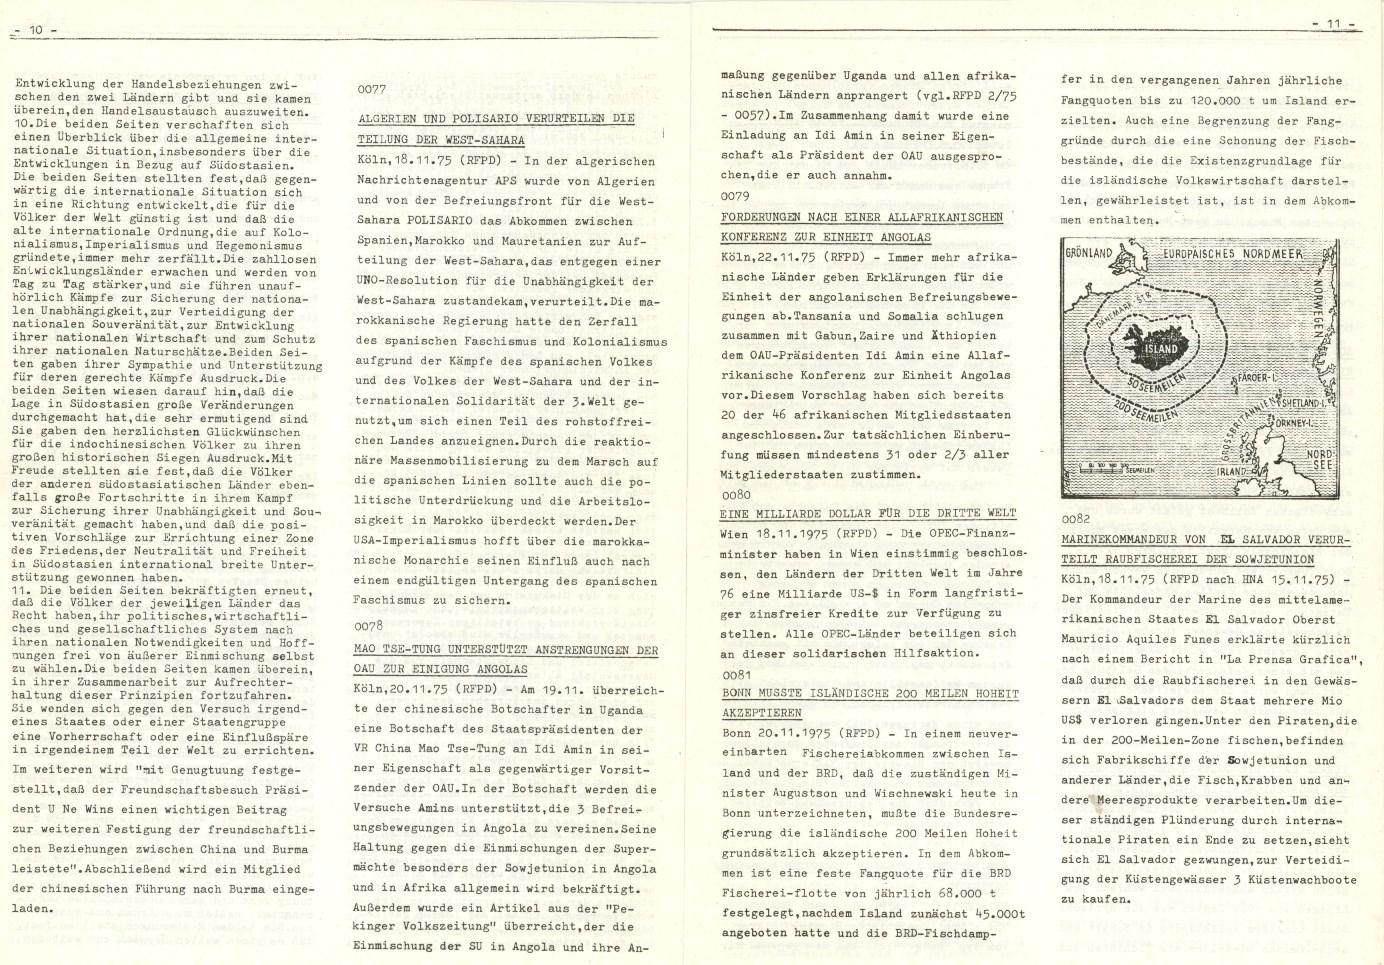 Rote_Fahne_Pressedienst_1975_03_06